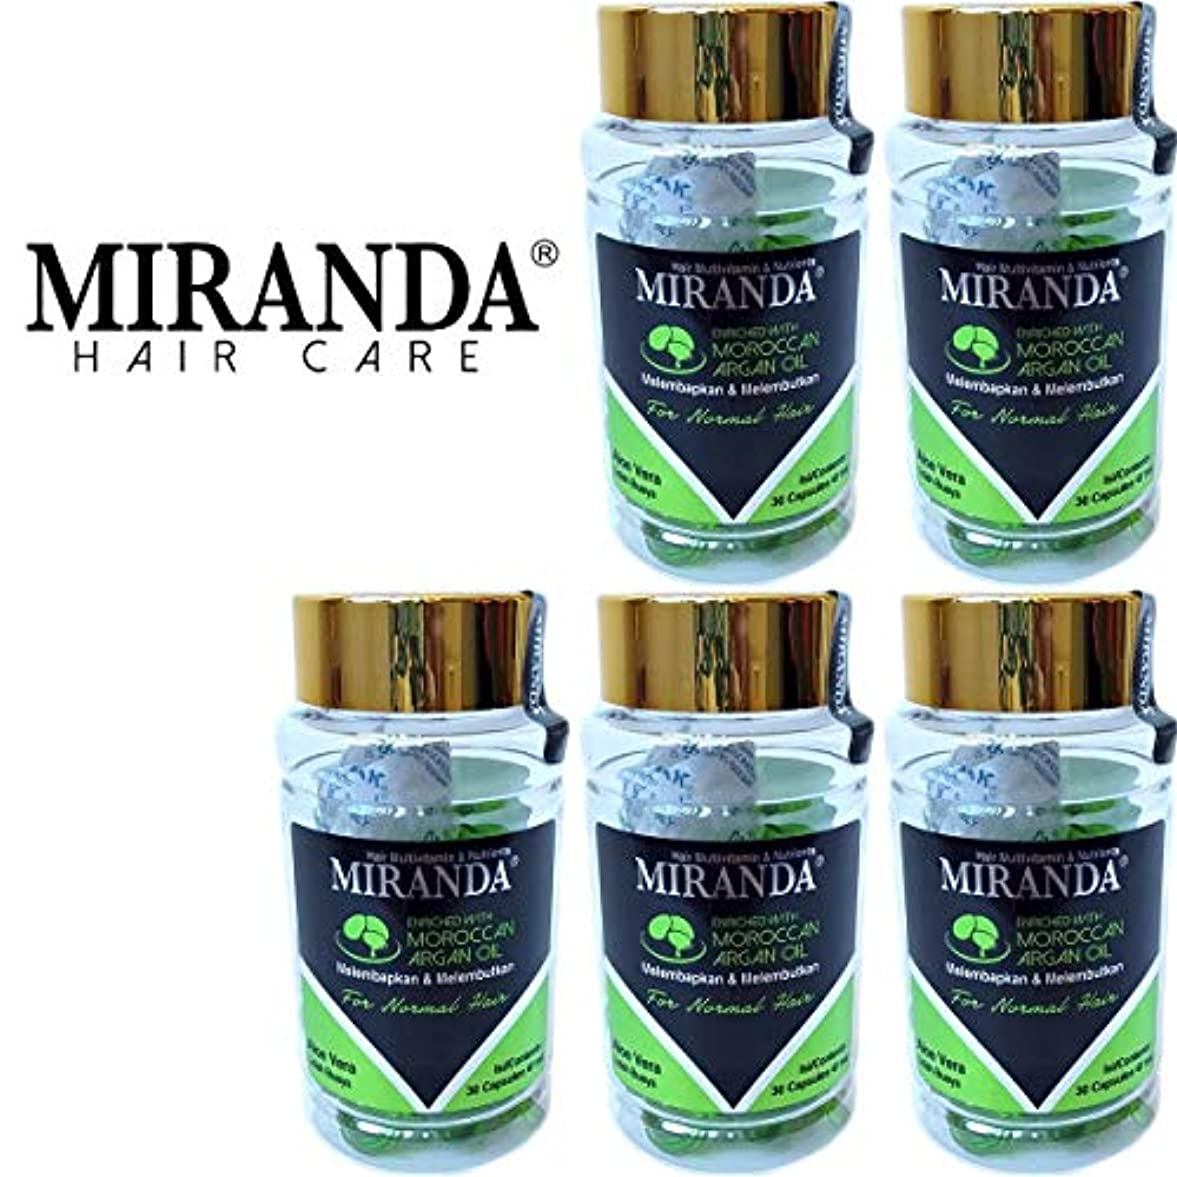 効能アウター近所のMIRANDA ミランダ Hair Multivitamin&Nutrients ヘアマルチビタミン ニュートリエンツ 洗い流さないヘアトリートメント 30粒入ボトル×5個セット Aloe vera アロエベラ [海外直送品]